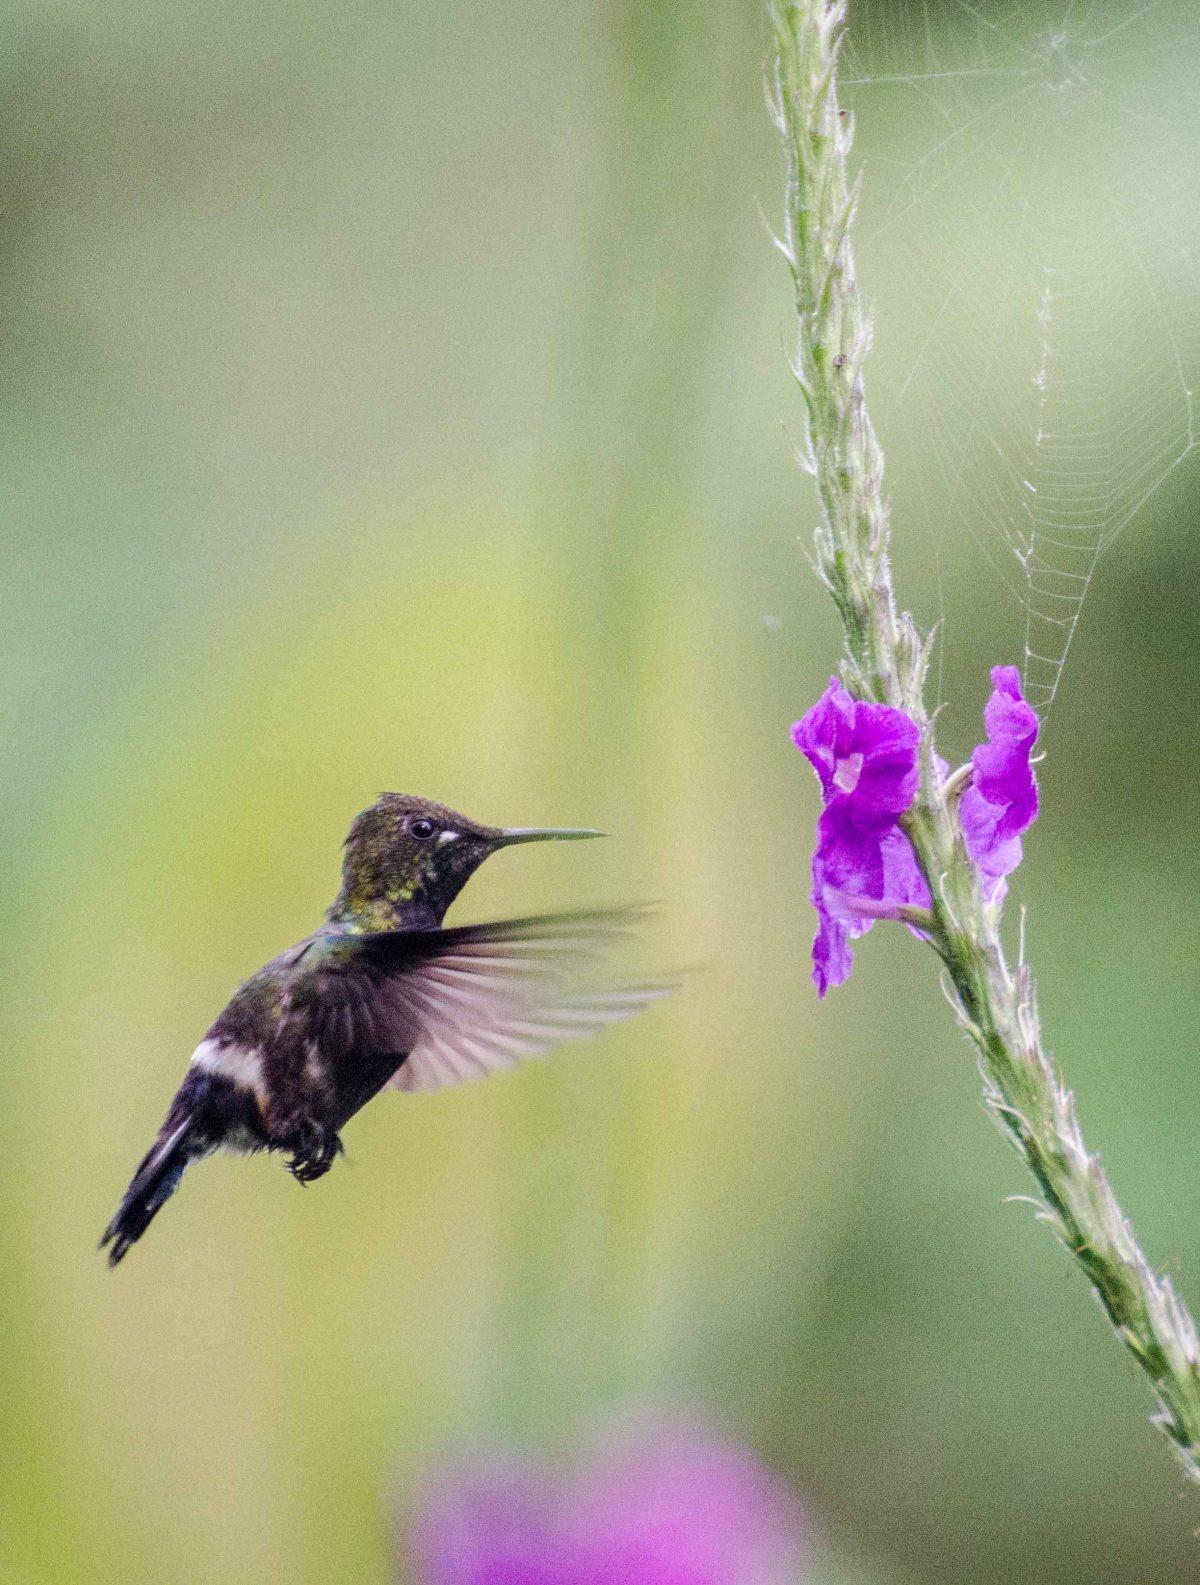 Female Wire-crested Thorntail Hummingbird, Napo Province, Ecuador   ©Angela Drake / Ecuador Por Mis Ojos